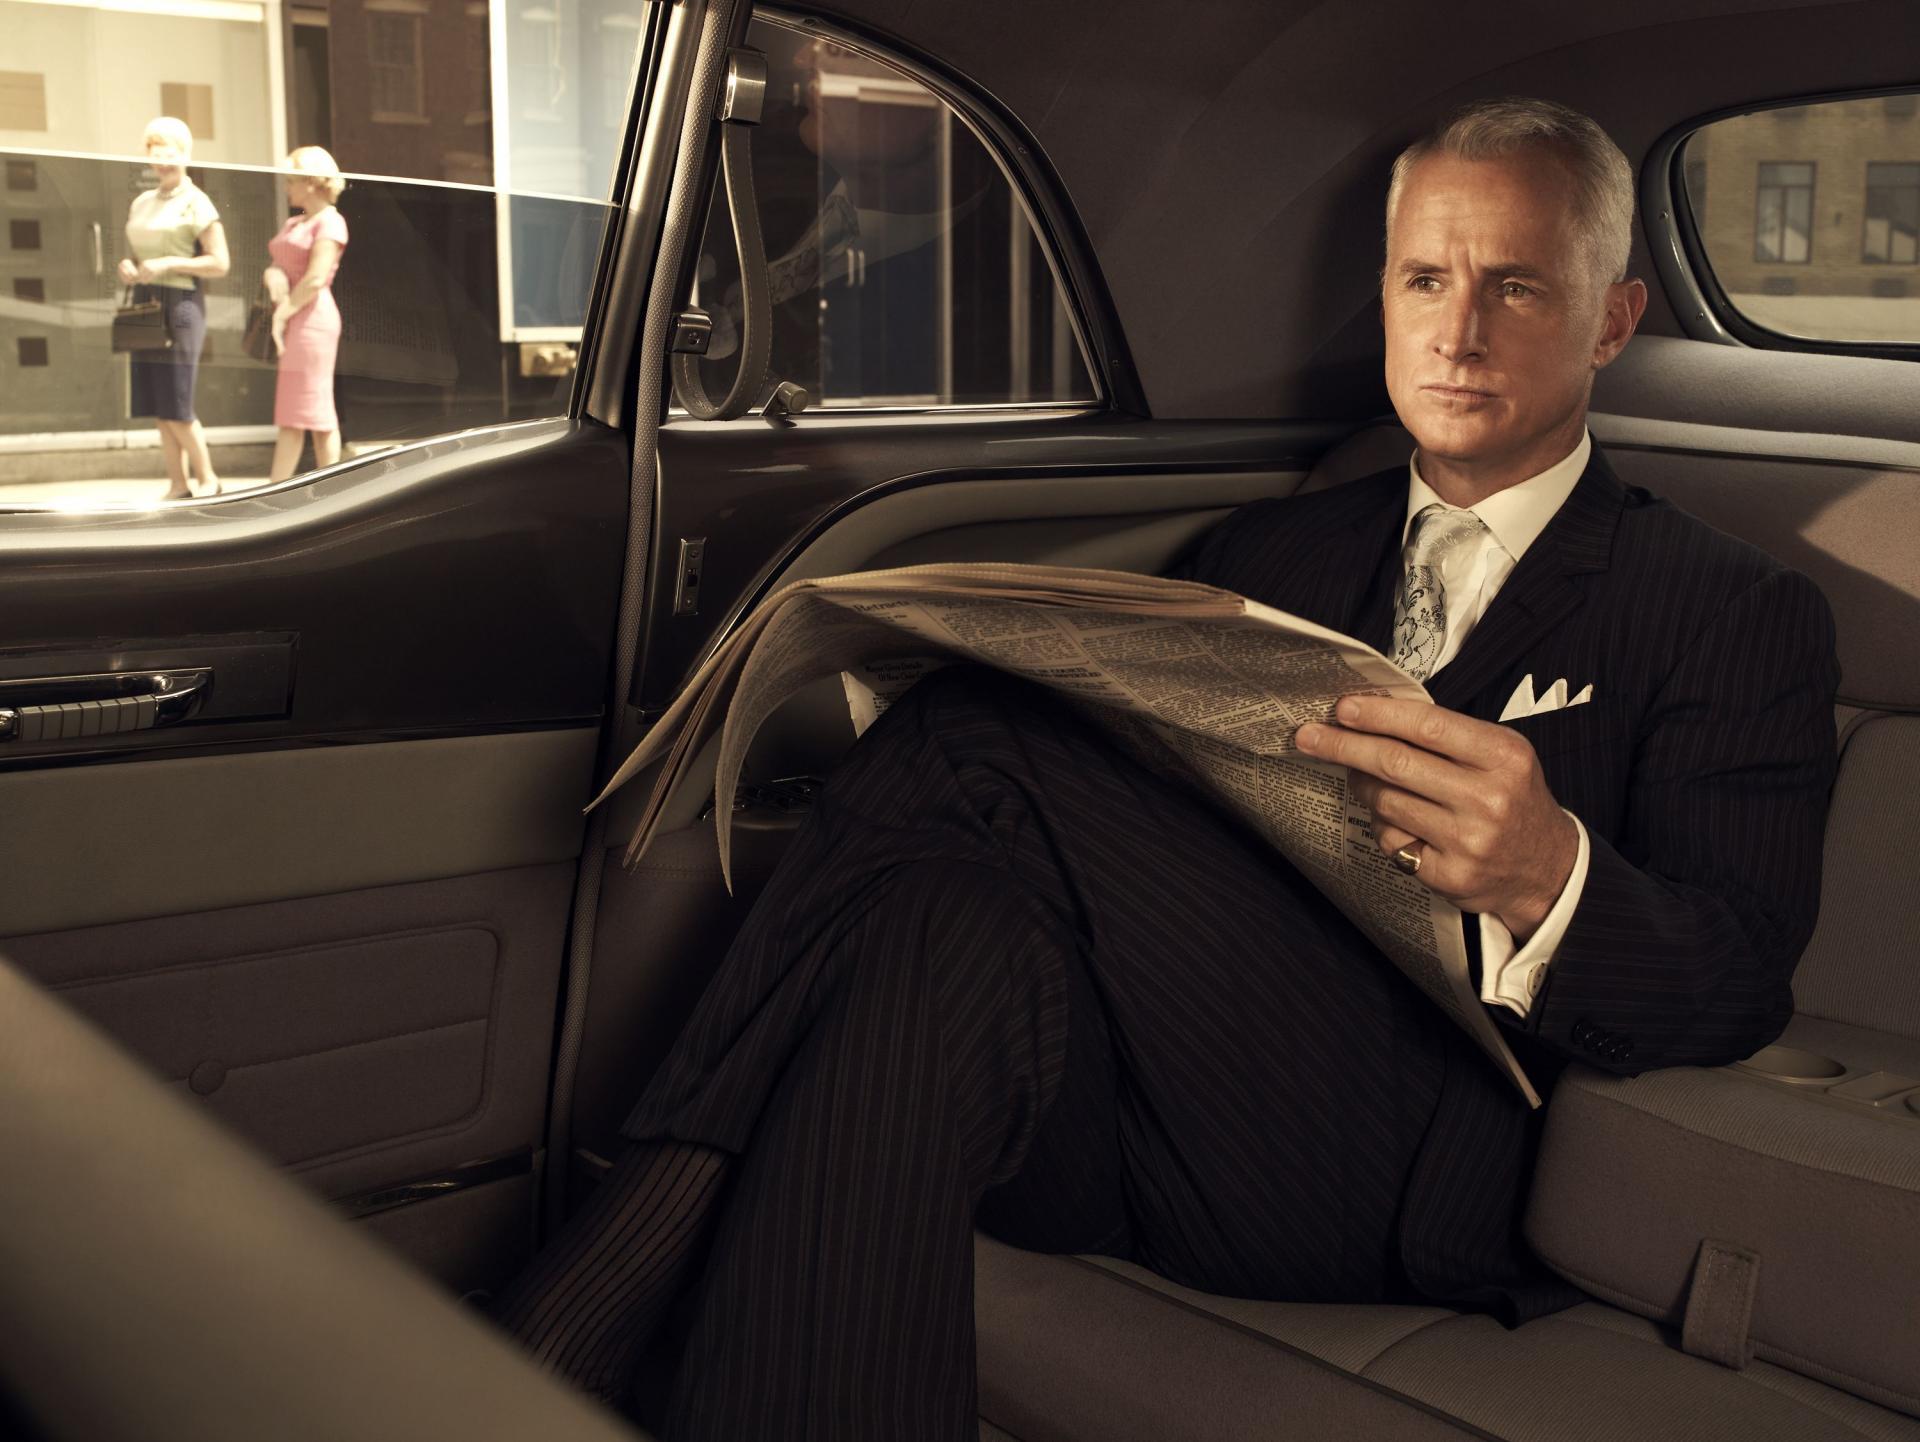 спасибо фото солидных мужчин с автомобилем прекрасных розовых